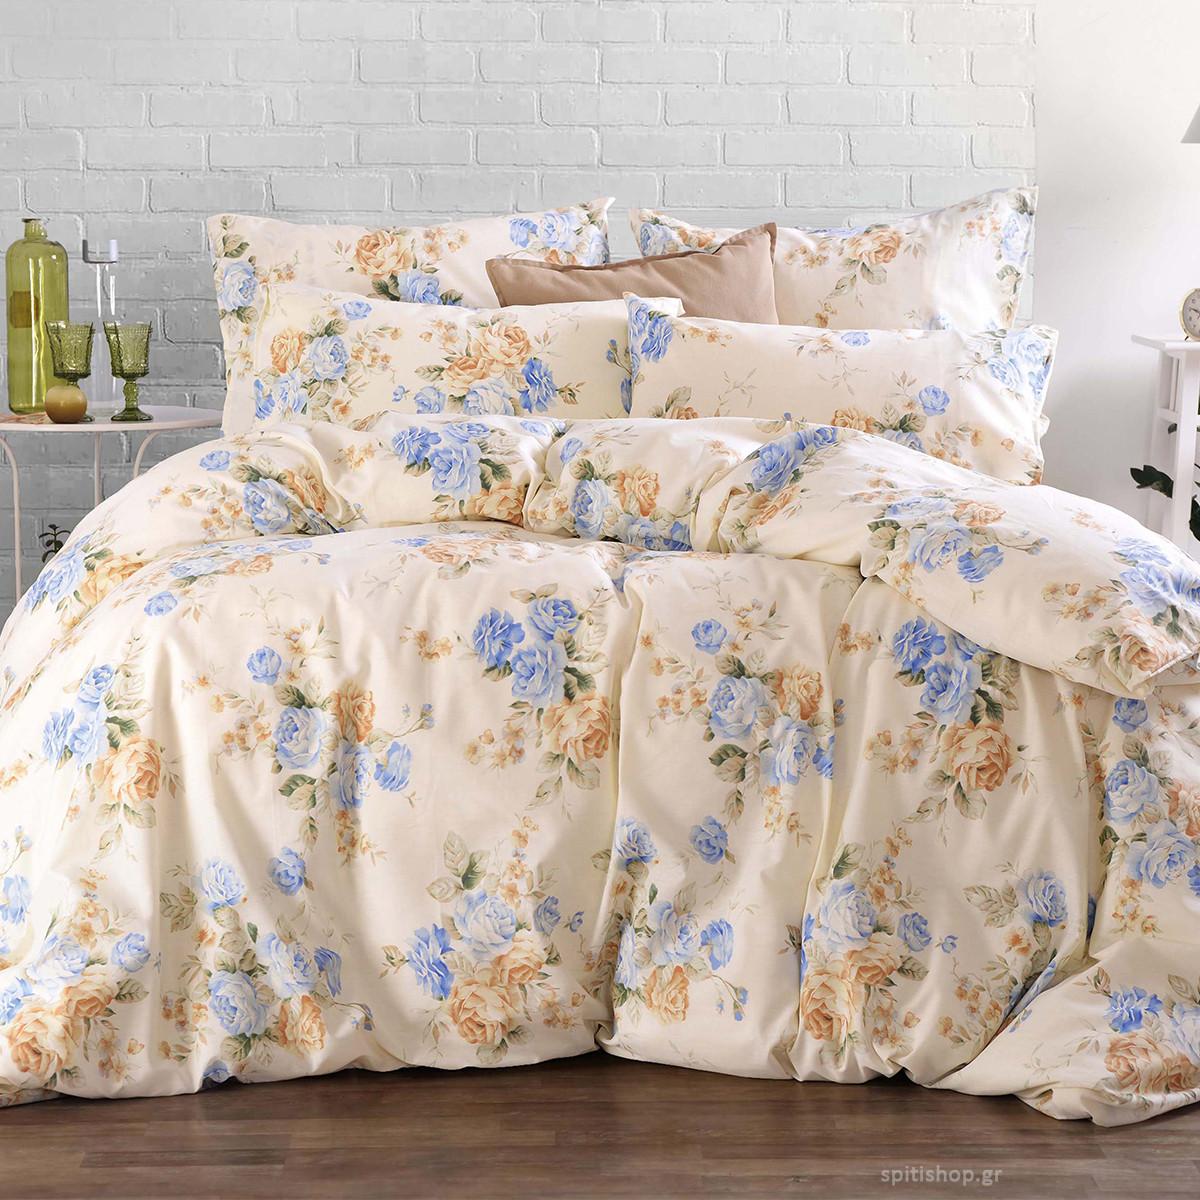 Κουβερλί Μονό (Σετ) Rythmos Next Rosalin Blue home   κρεβατοκάμαρα   κουβερλί   κουβερλί μονά